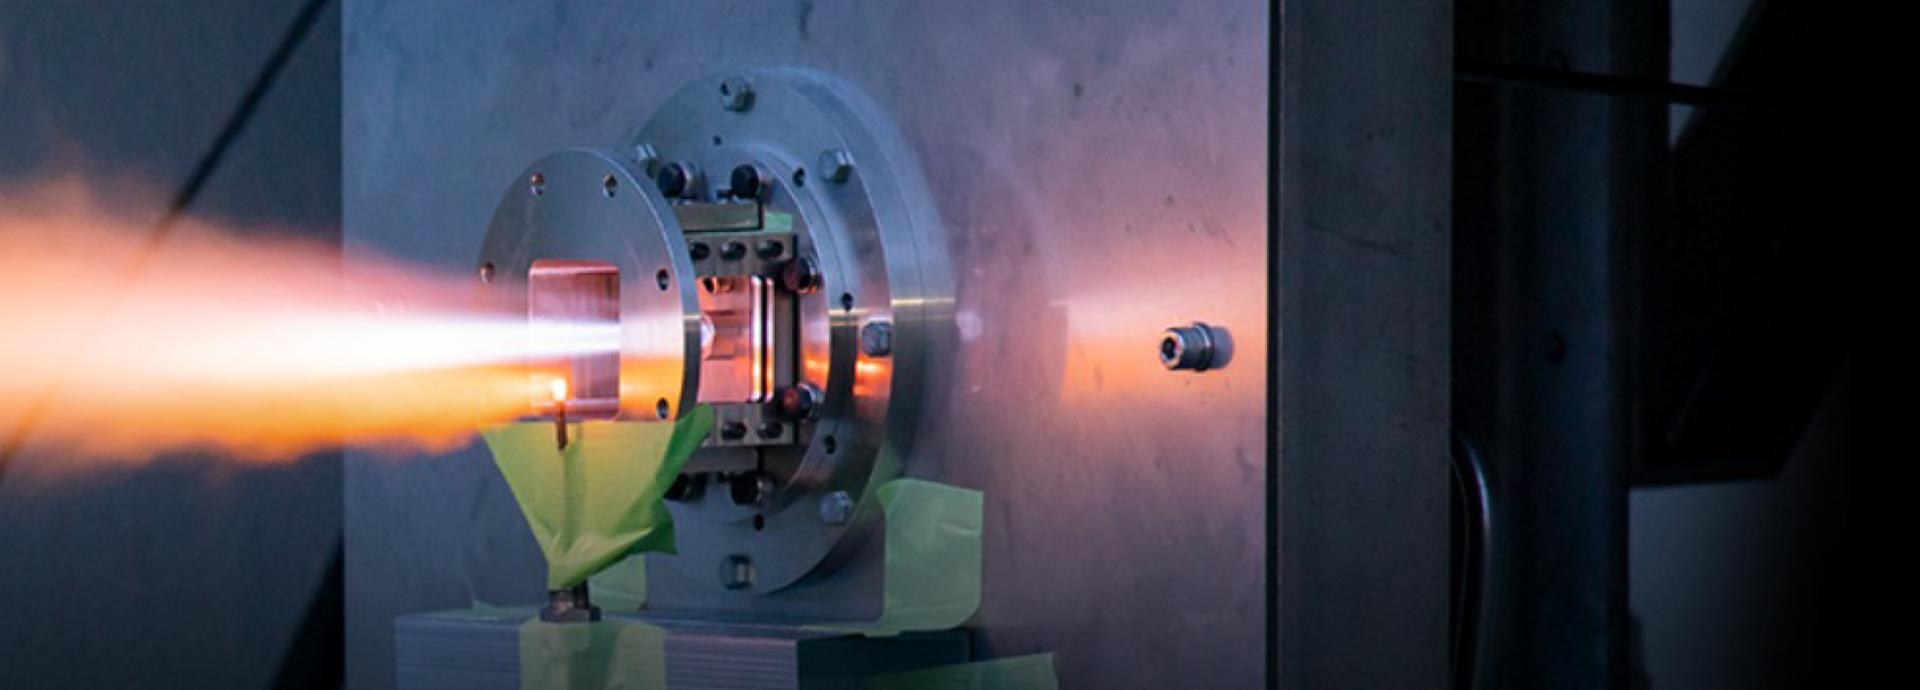 次世代液体ロケットエンジンに向け 燃焼のメカニズムを解明する